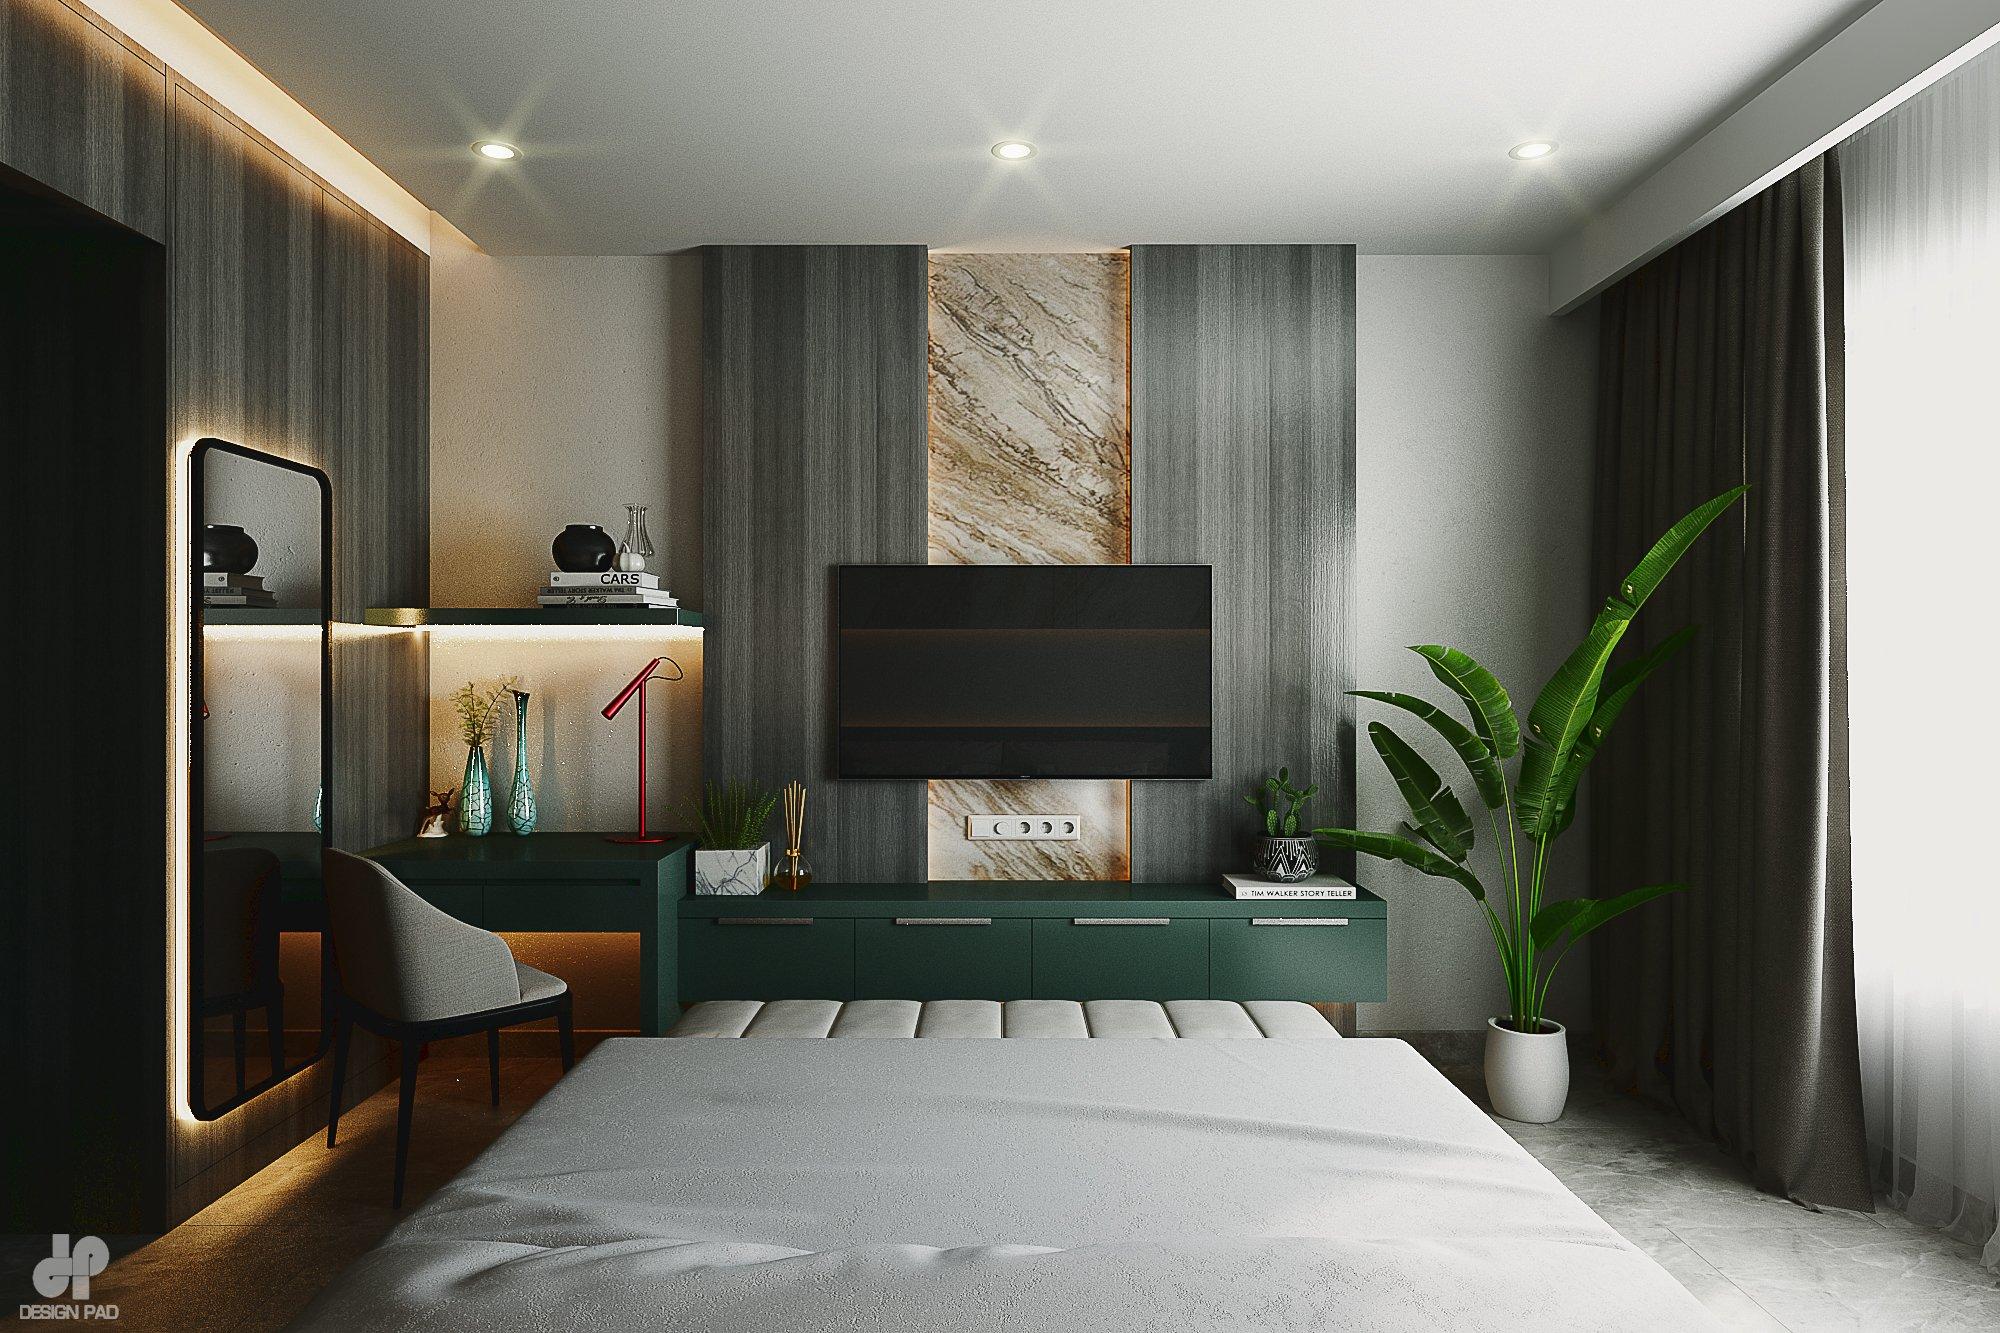 Thiết kế nội thất Nhà Mặt Phố tại Hồ Chí Minh BedRoom - Mr.Huy 1605080088 2